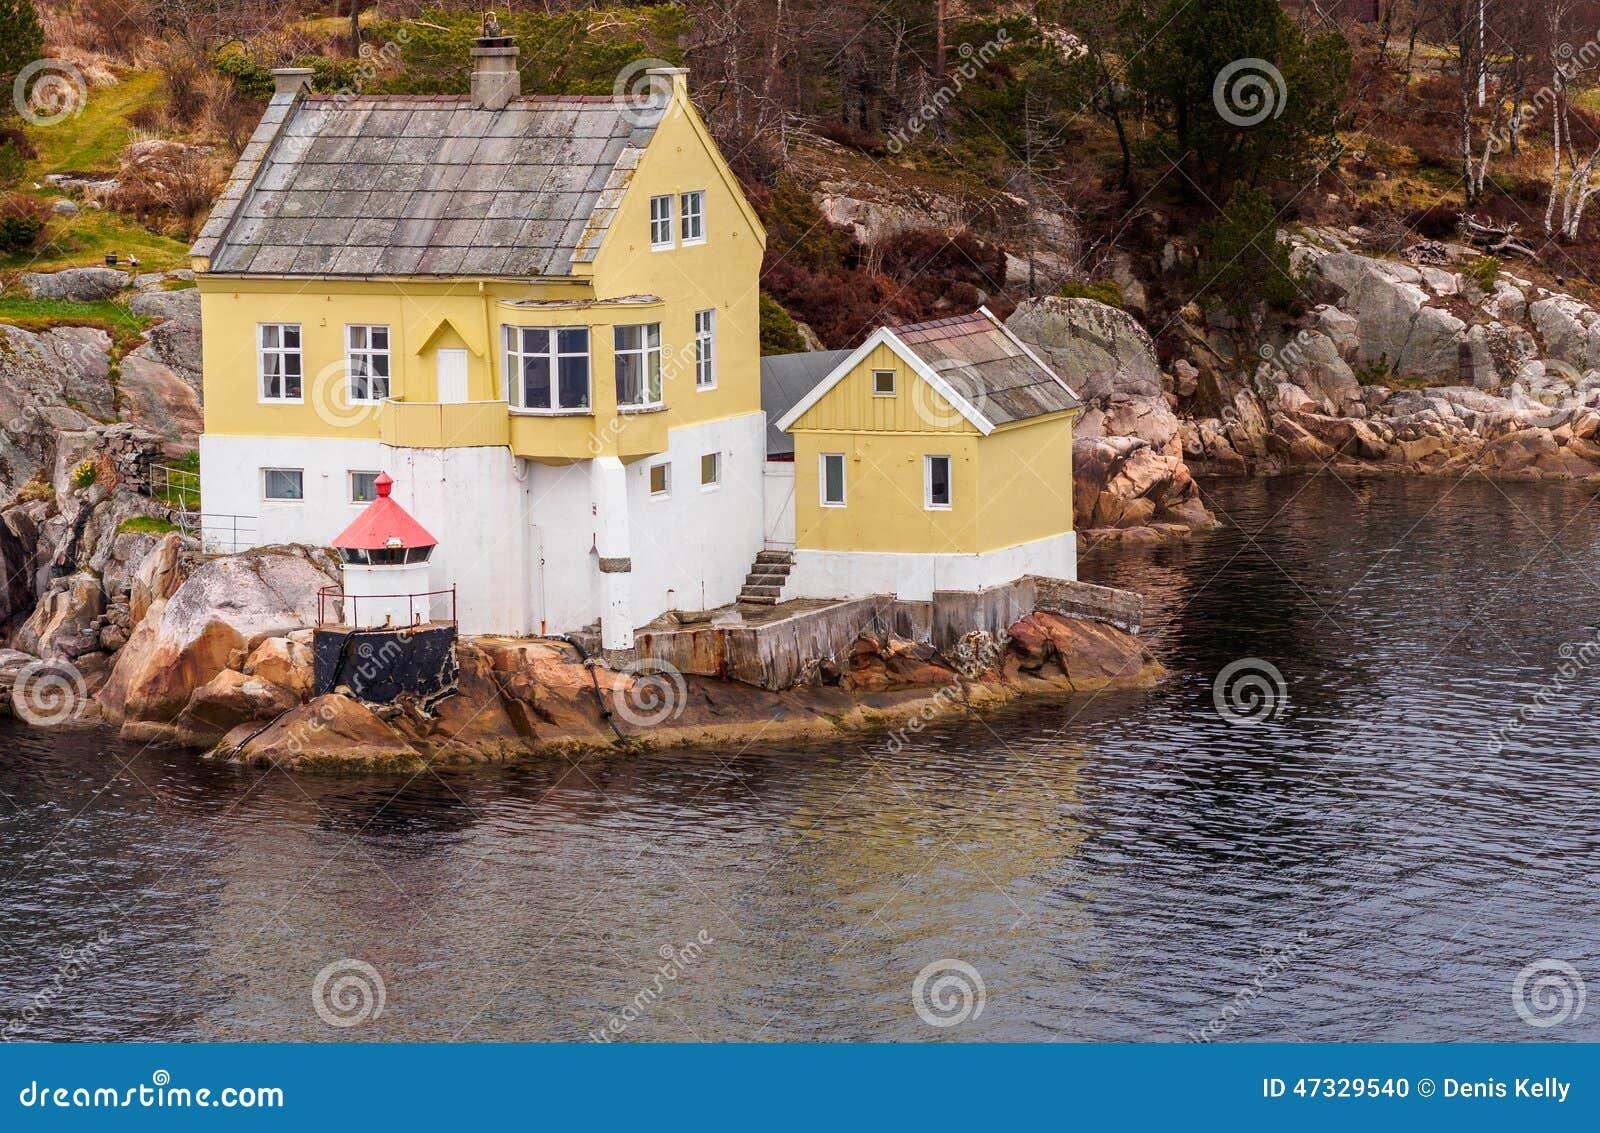 Norwegen fjord haus stockfoto bild 47329540 for Norwegen haus